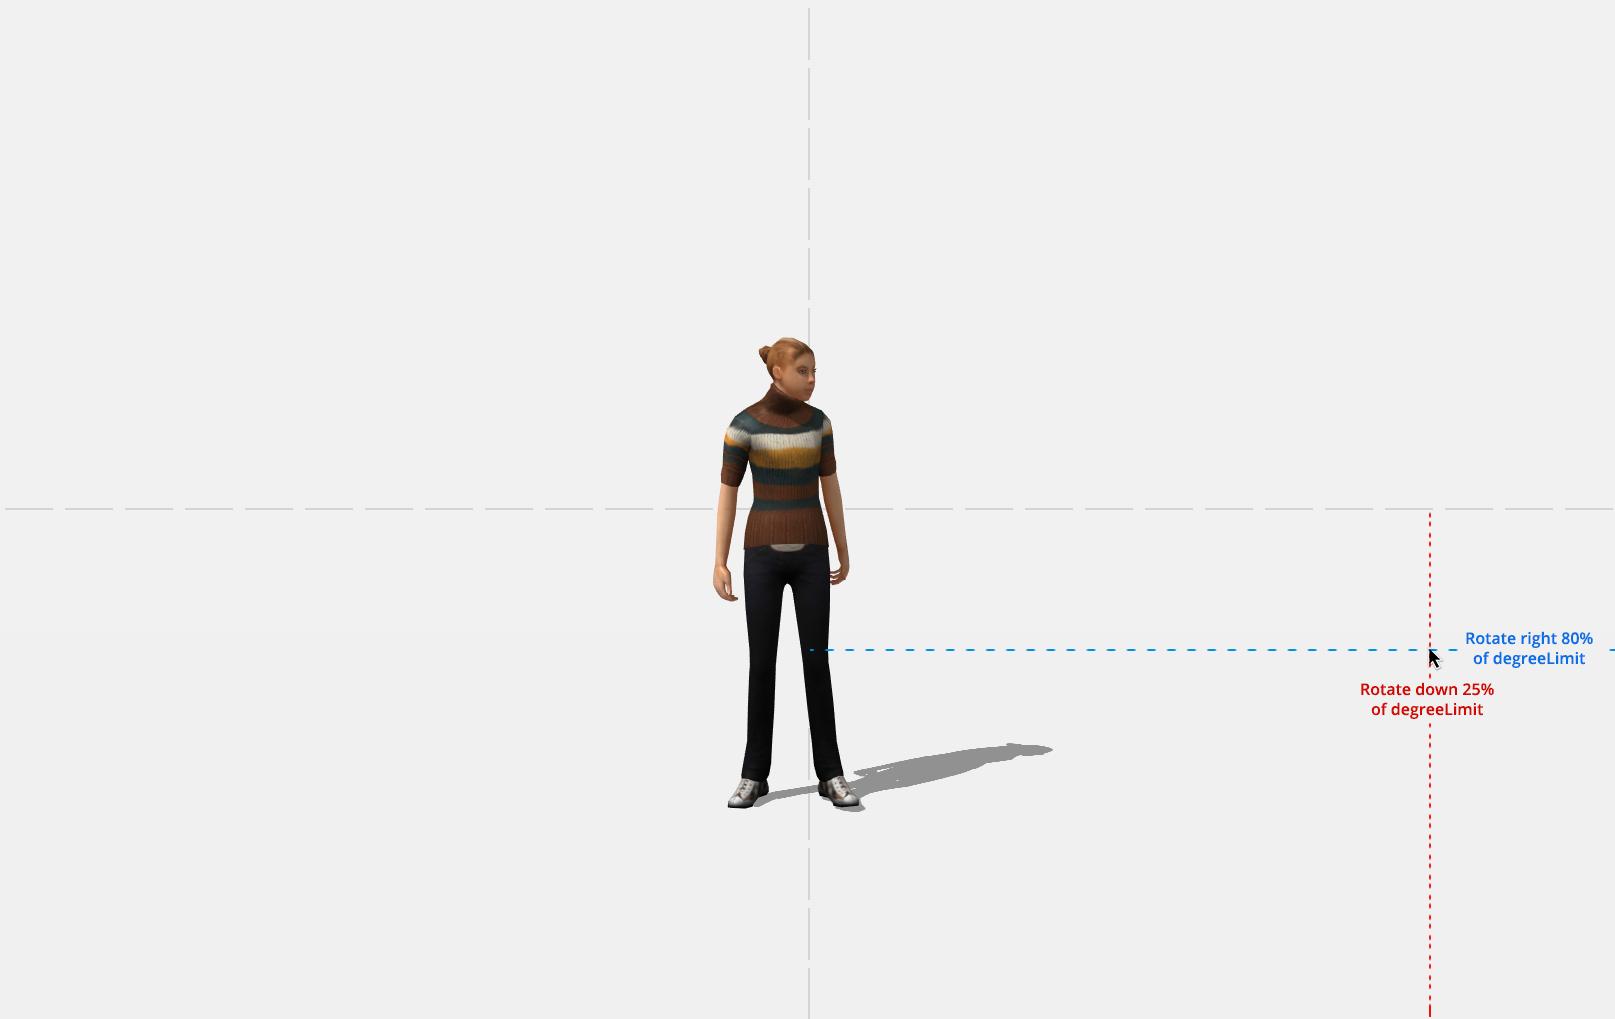 rotation_explanation